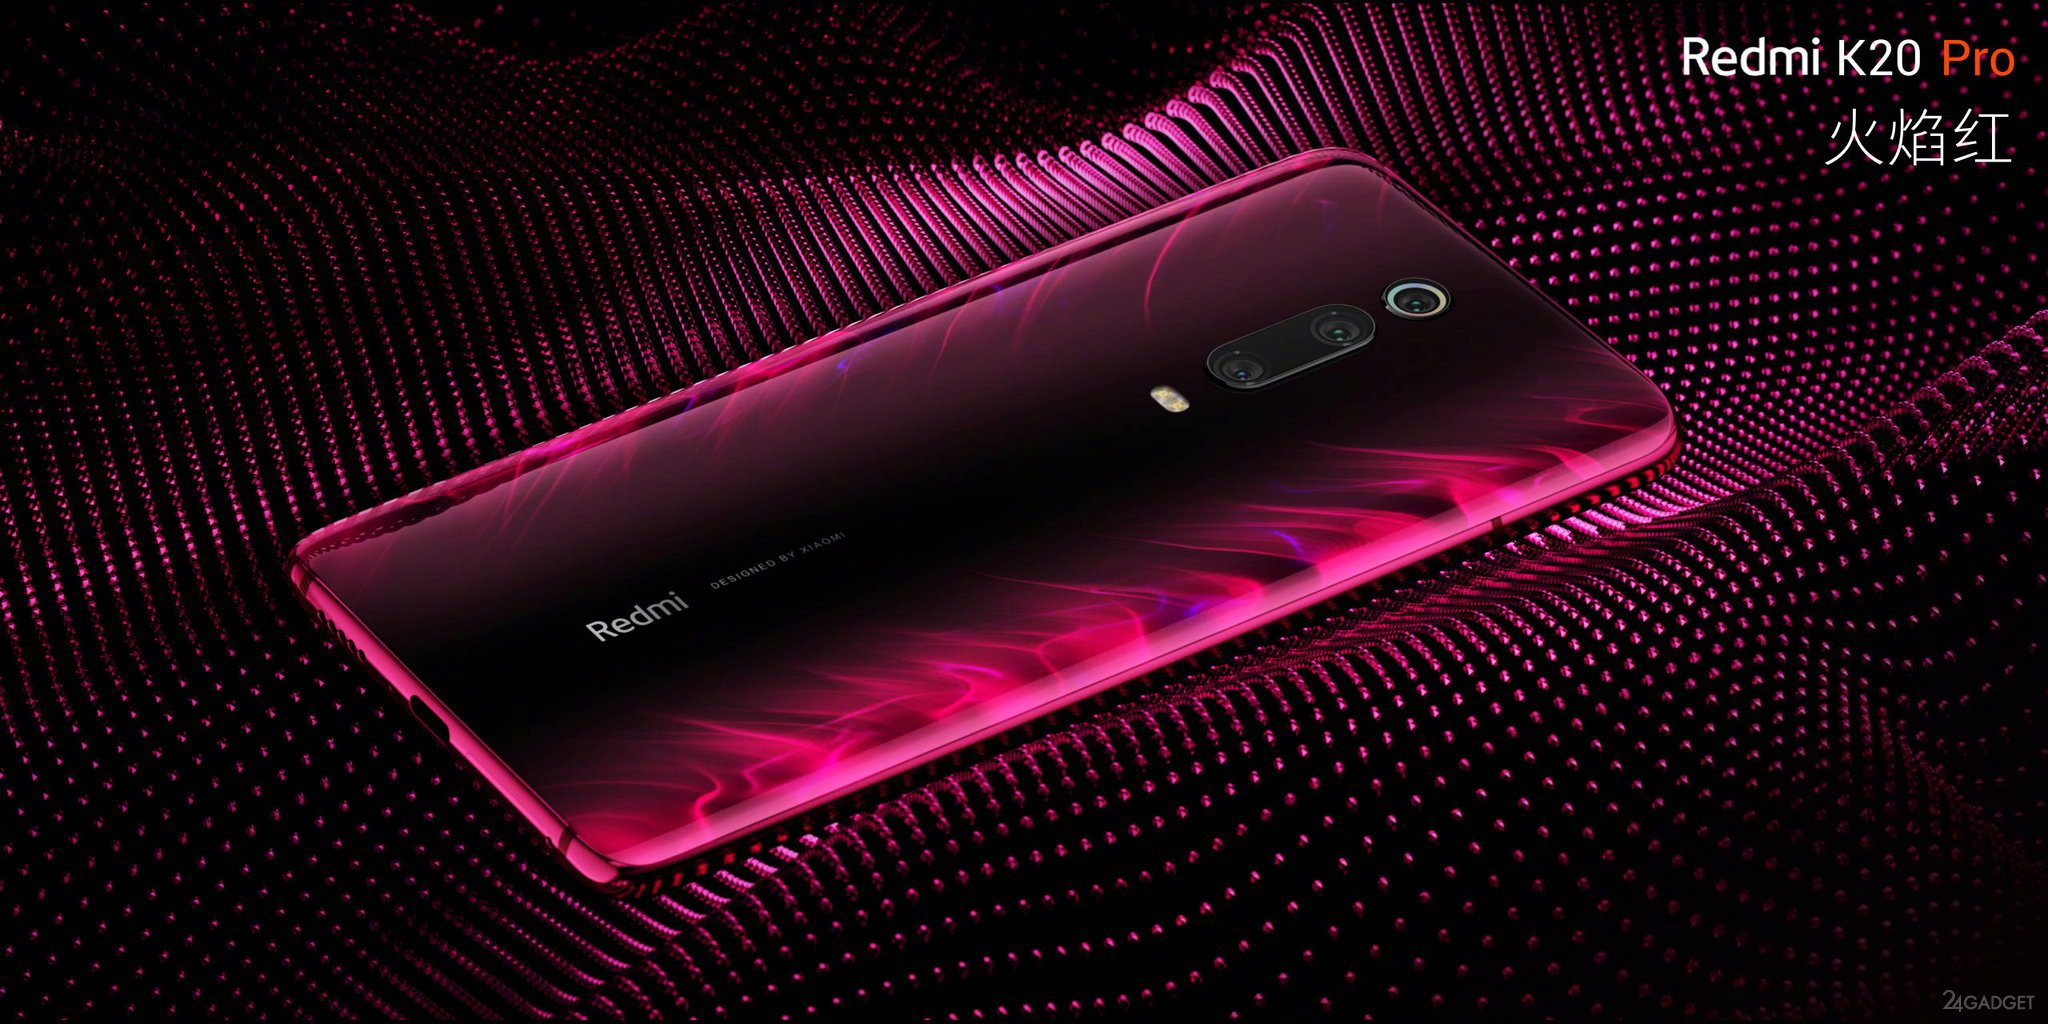 В сети постоянно появляются новые инсайдерские сведения и теории на предмет возможностей грядущего флагмана S11 Ранее сообщалось что этот смартфон получит сенсор со